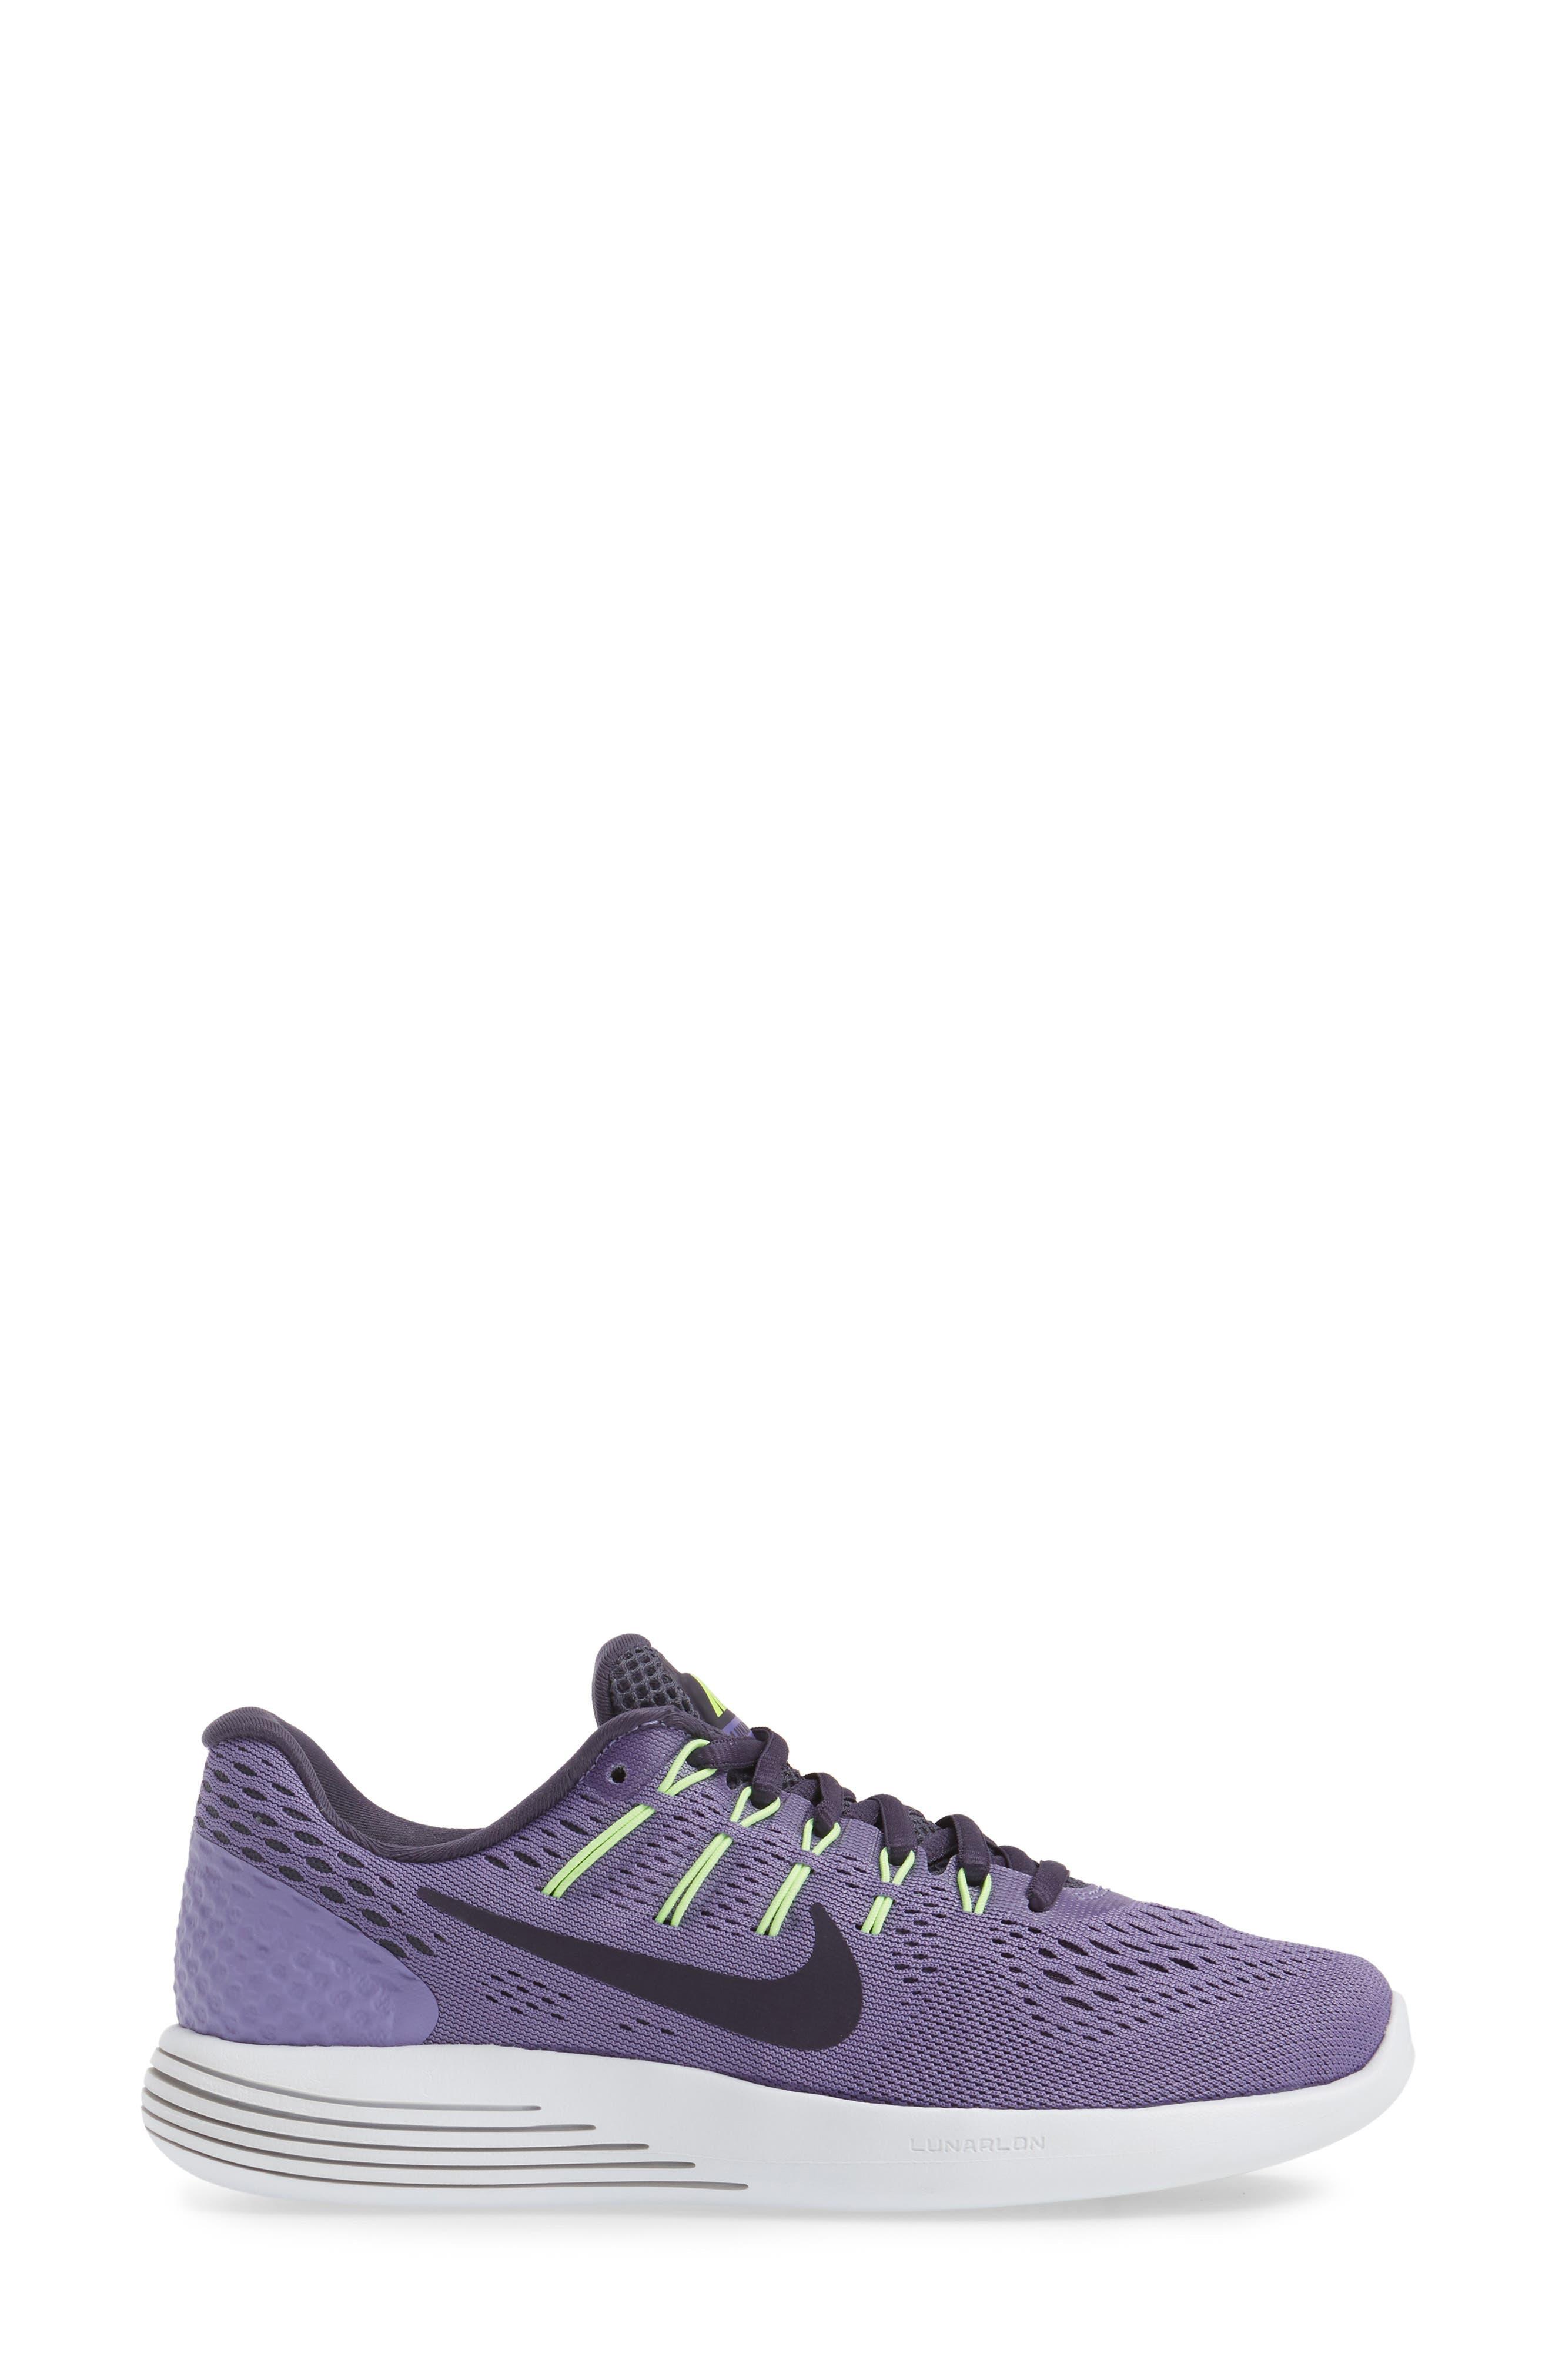 Alternate Image 3  - Nike 'LunarGlide 8' Running Shoe (Women)